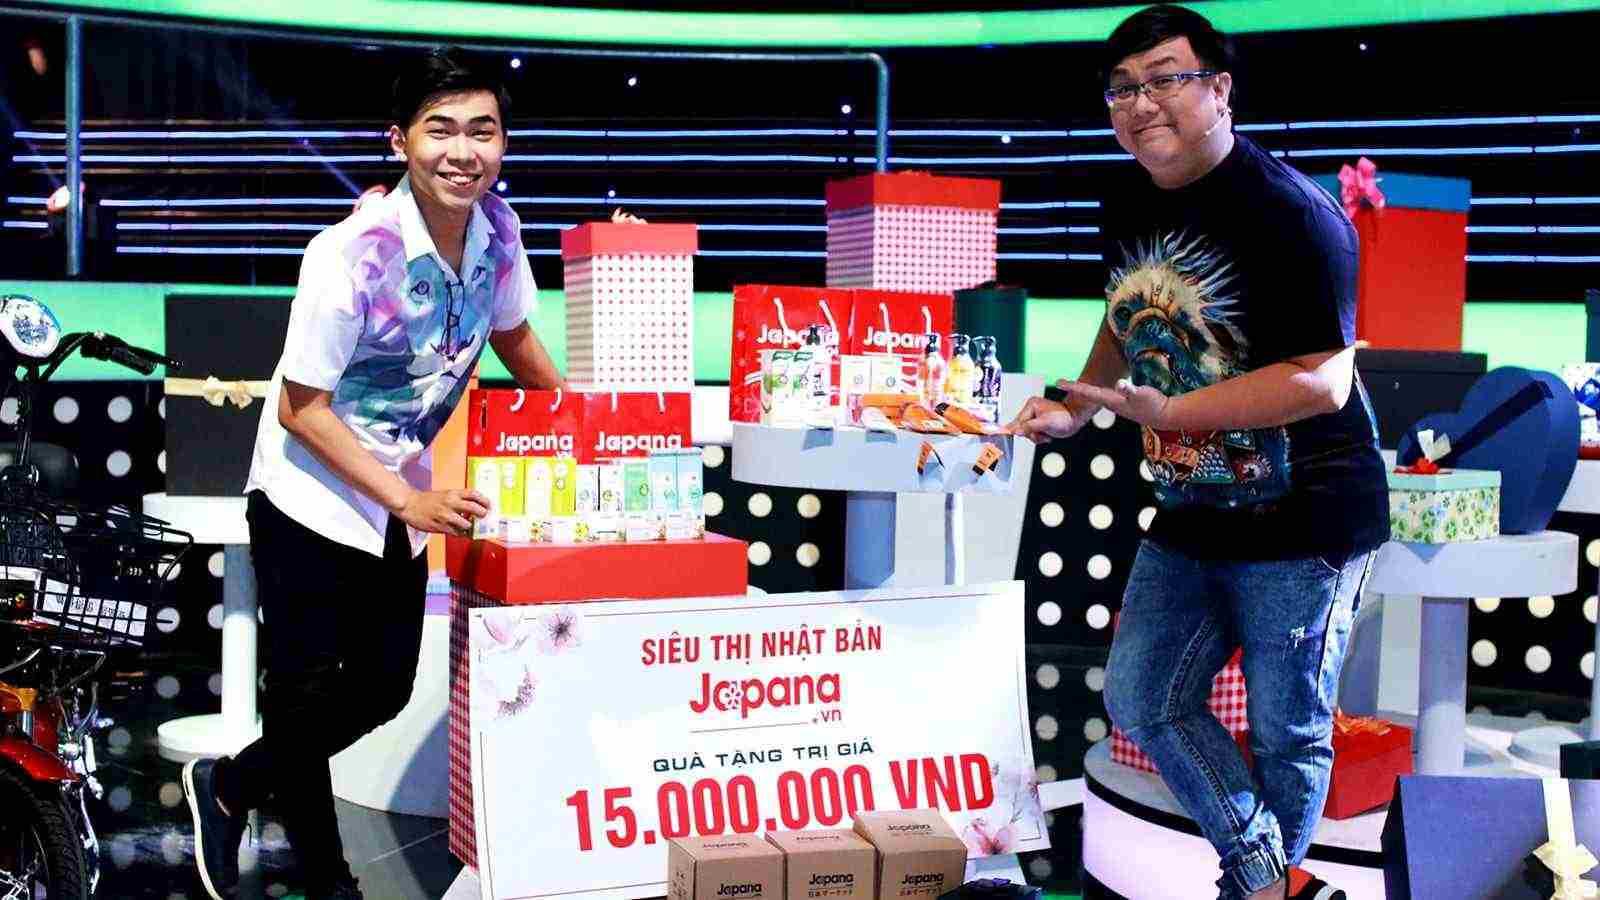 Nghệ sĩ hài Gia Bảo và Minh Dự là khách hàng thân thiết của Siêu Thị Nhật Bản Japana